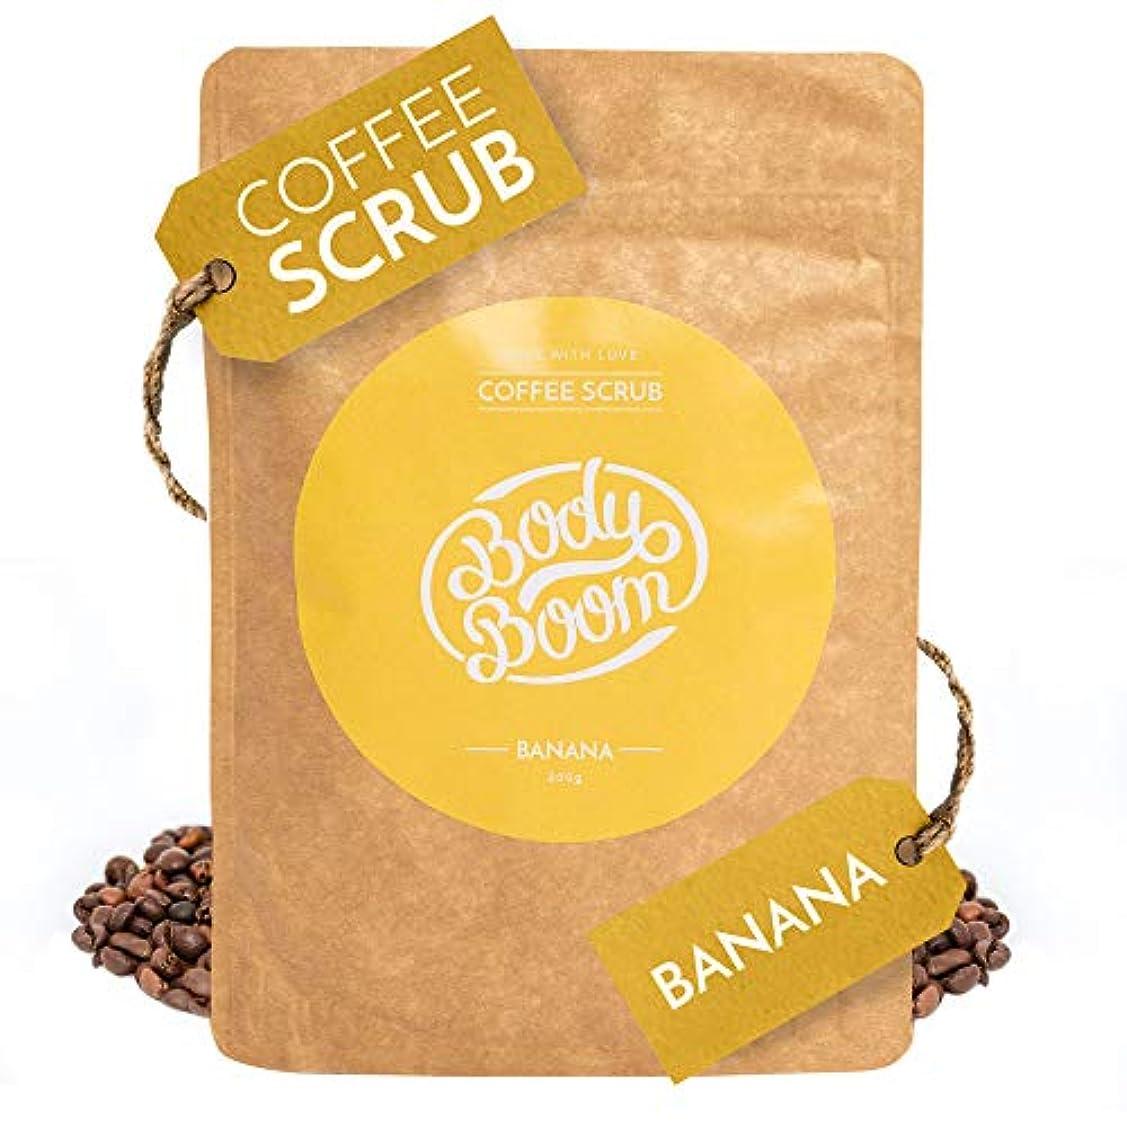 過度に期間悲観主義者コーヒースクラブ Body Boom ボディブーム バナナ 200g